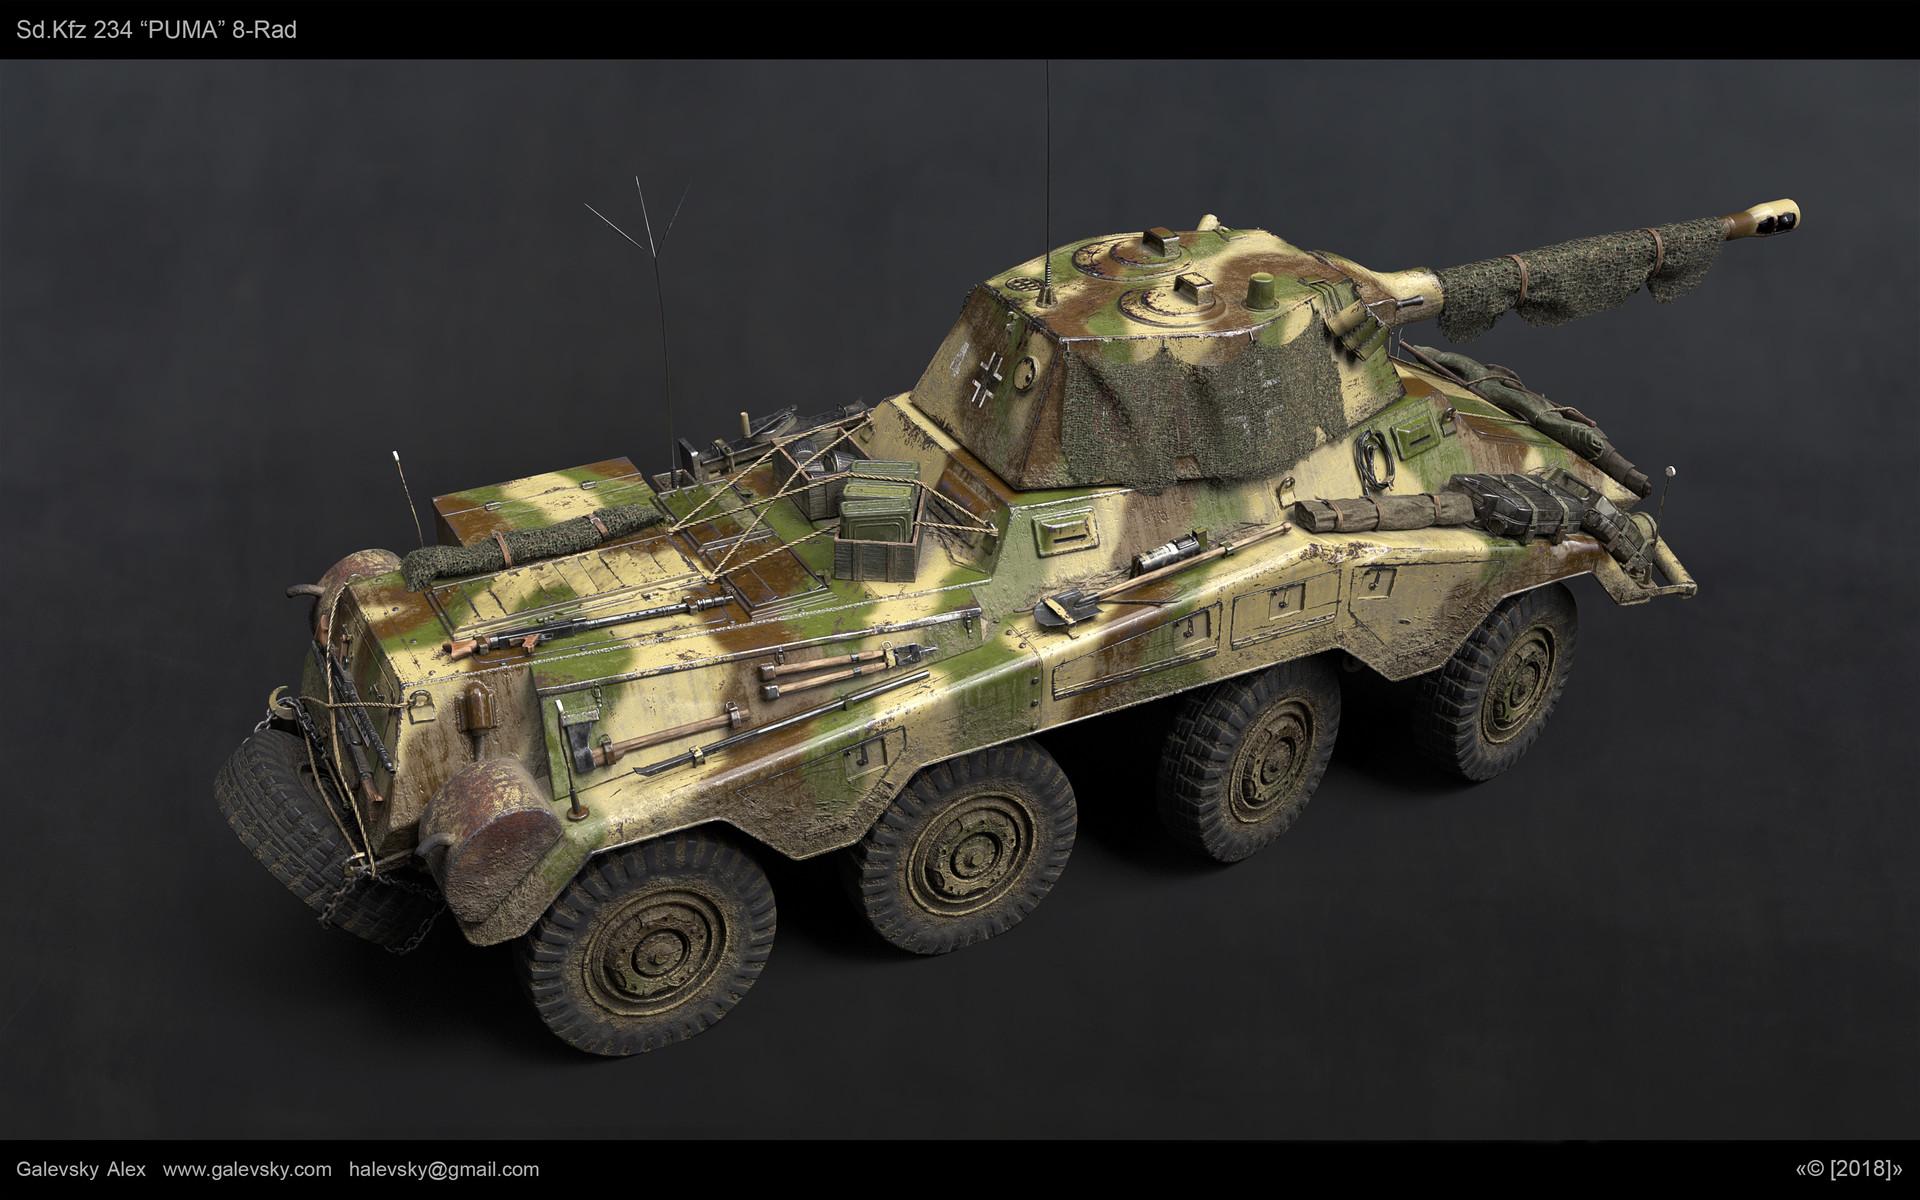 Aleksander galevskyi model fin 08